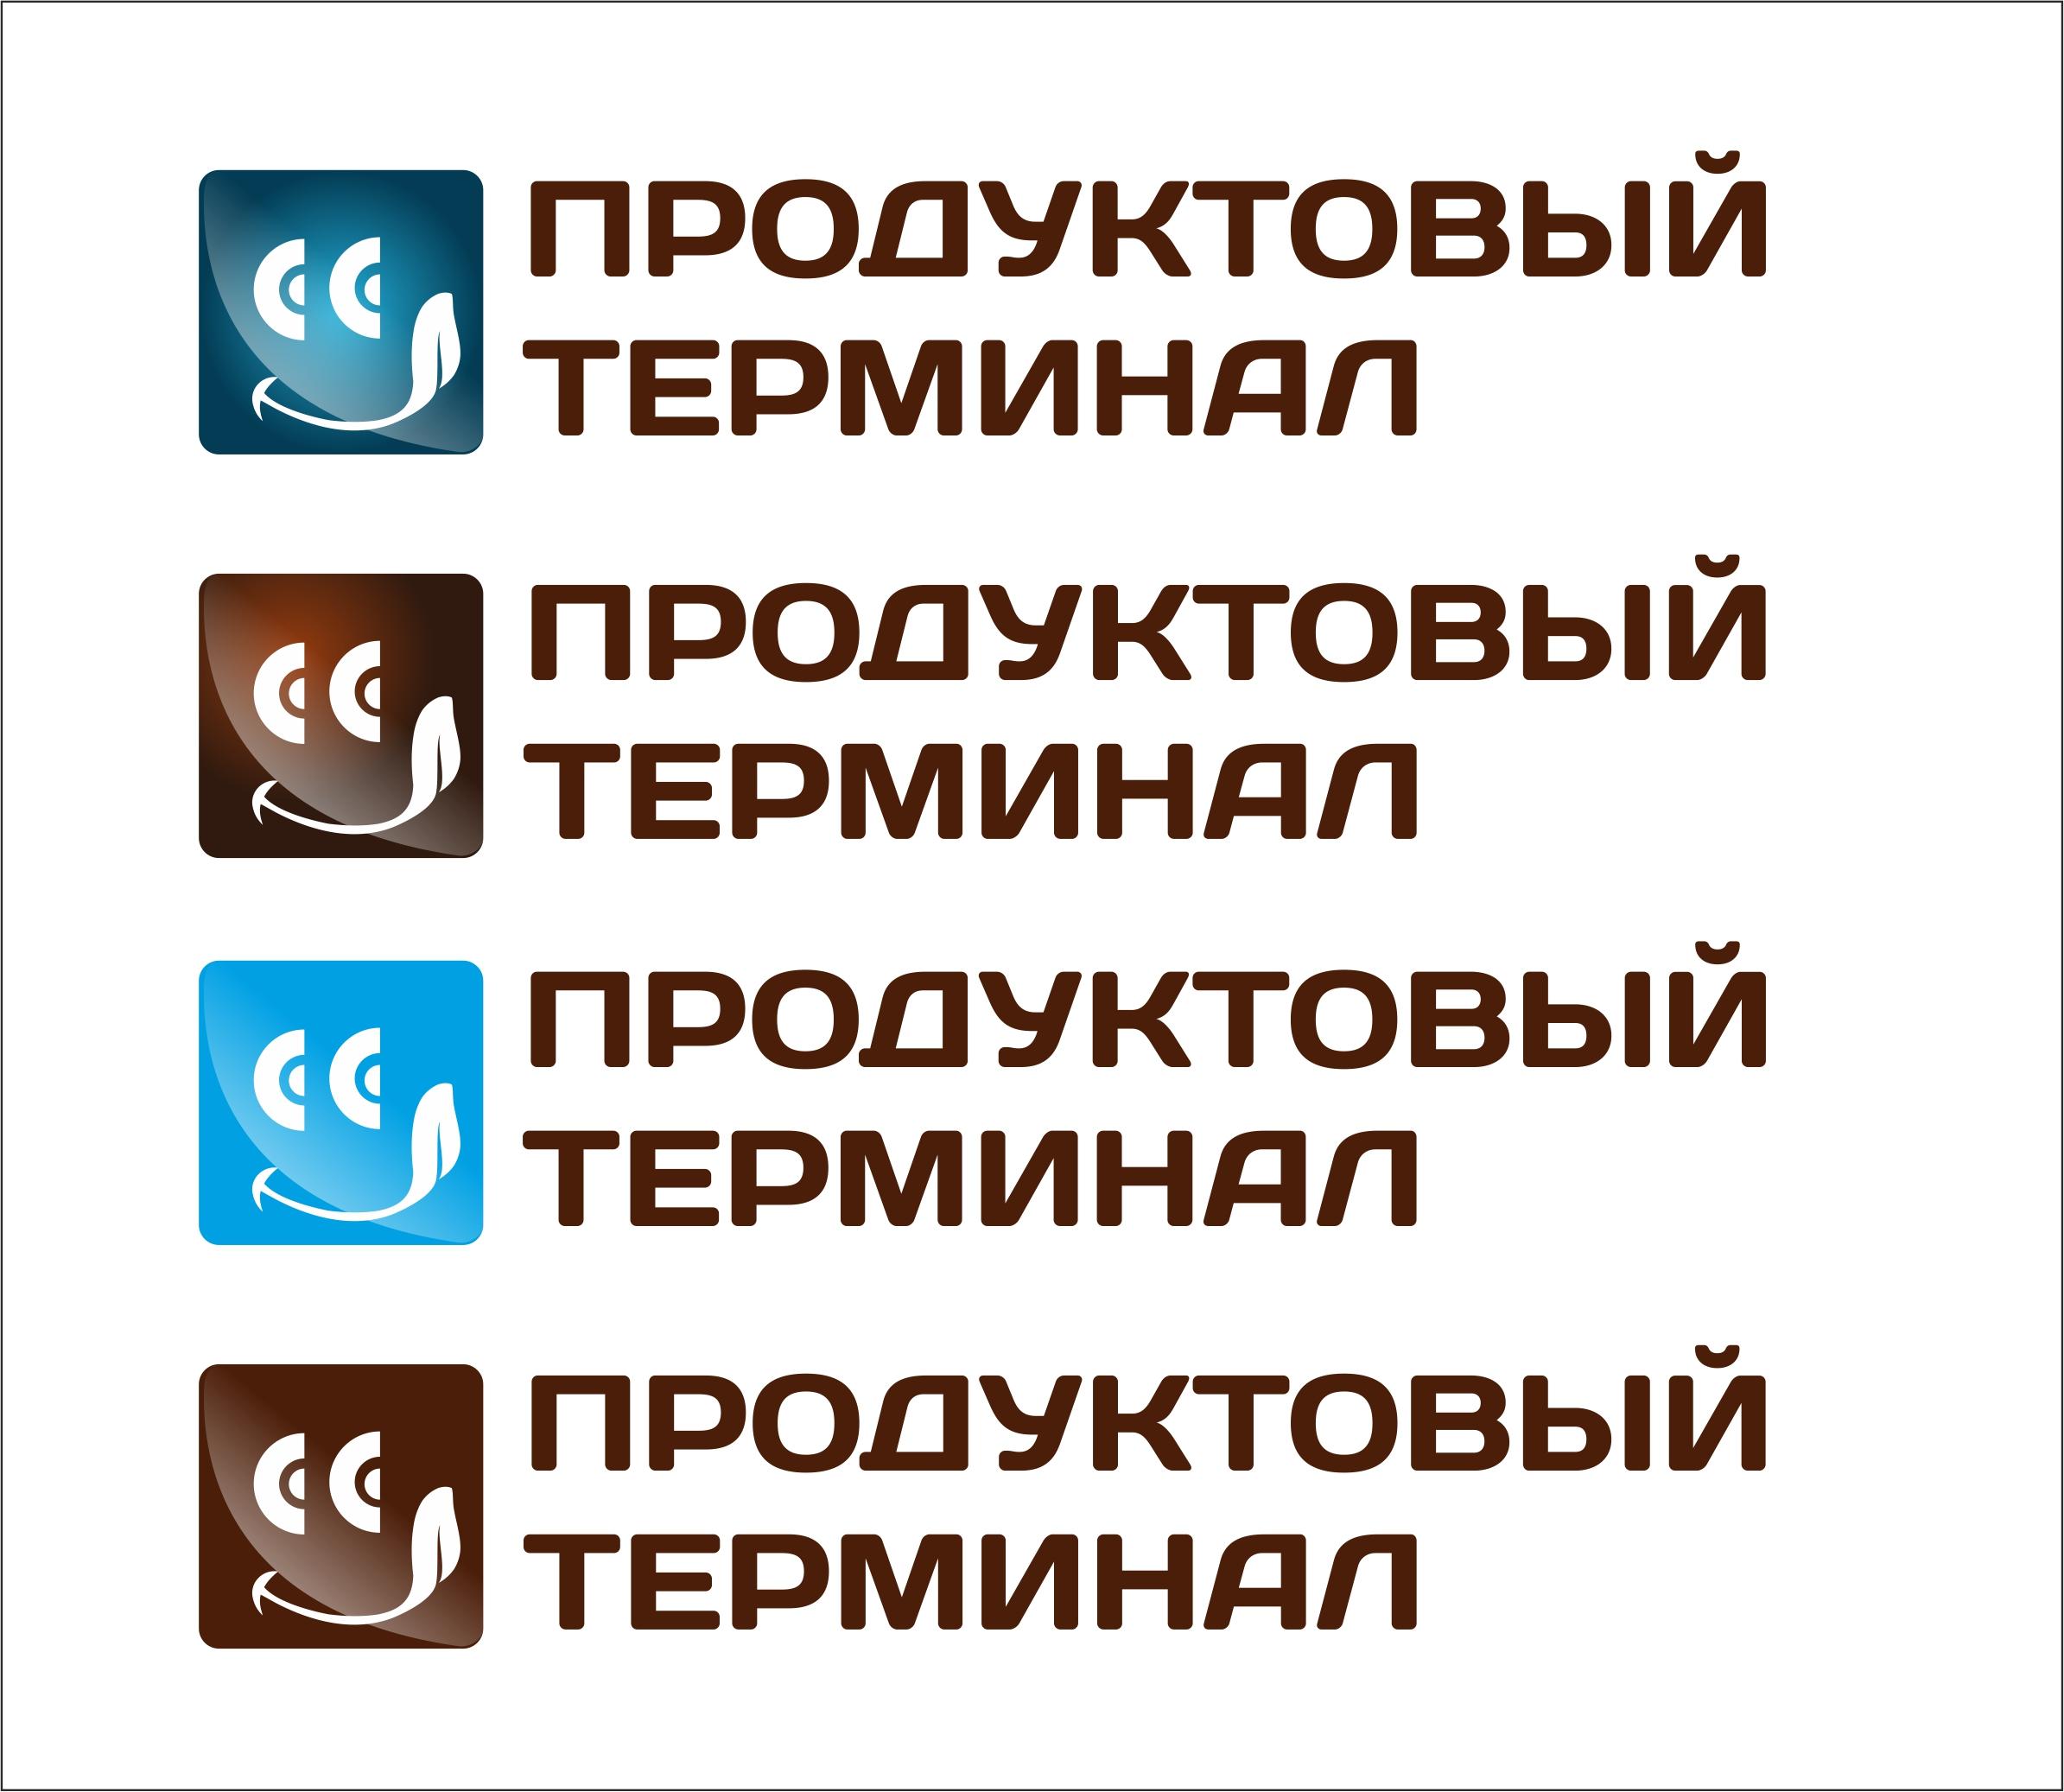 Логотип для сети продуктовых магазинов фото f_73856ffc3c95b1f1.jpg